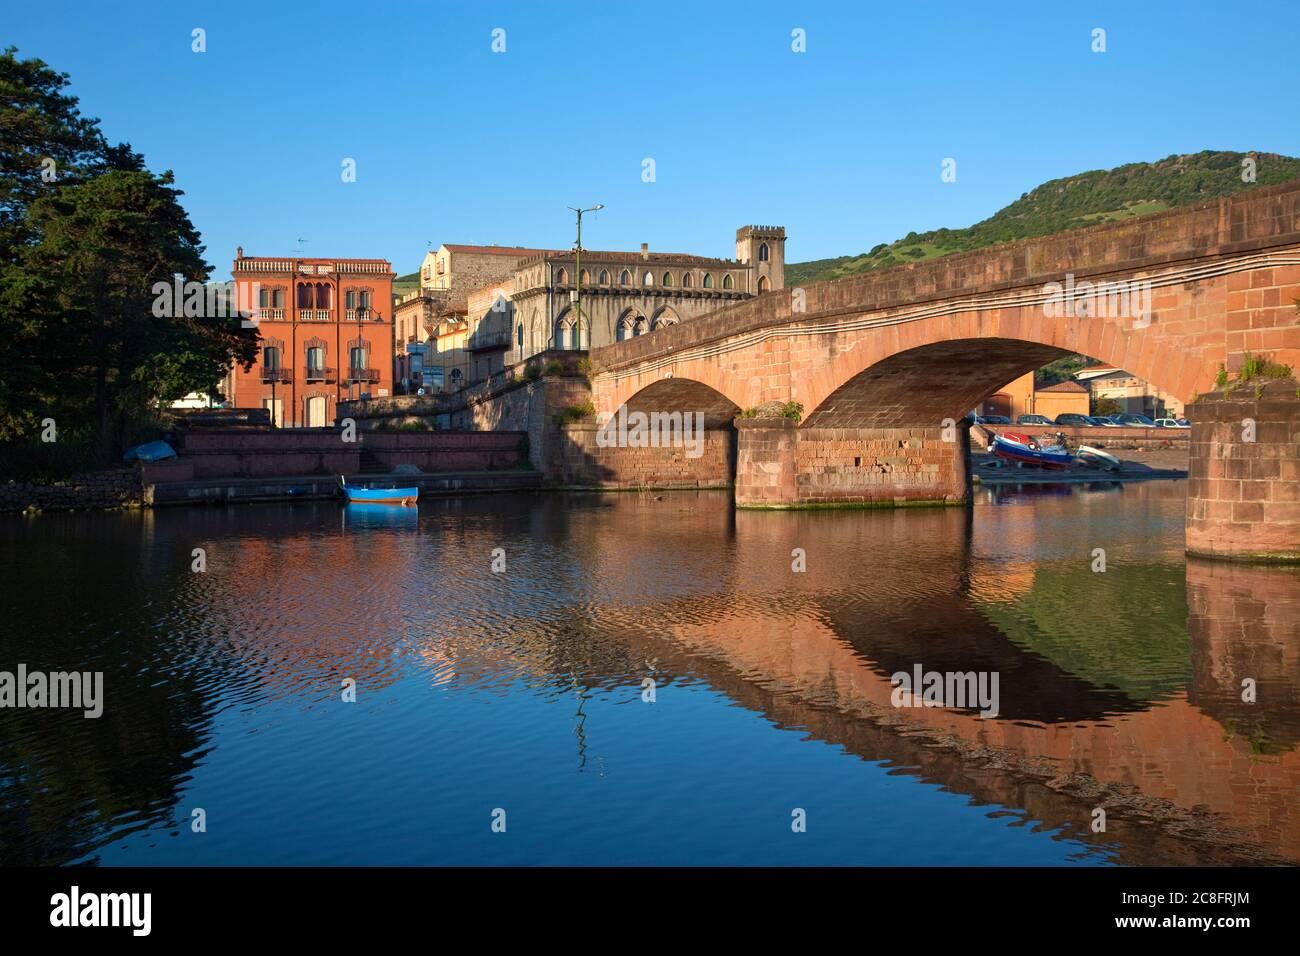 Geografía / viajes, Italia, Cerdeña, Provincia de Oristano, Bosa, Fiume Teno, Derechos adicionales-liquidación-Info-no-disponible Foto de stock